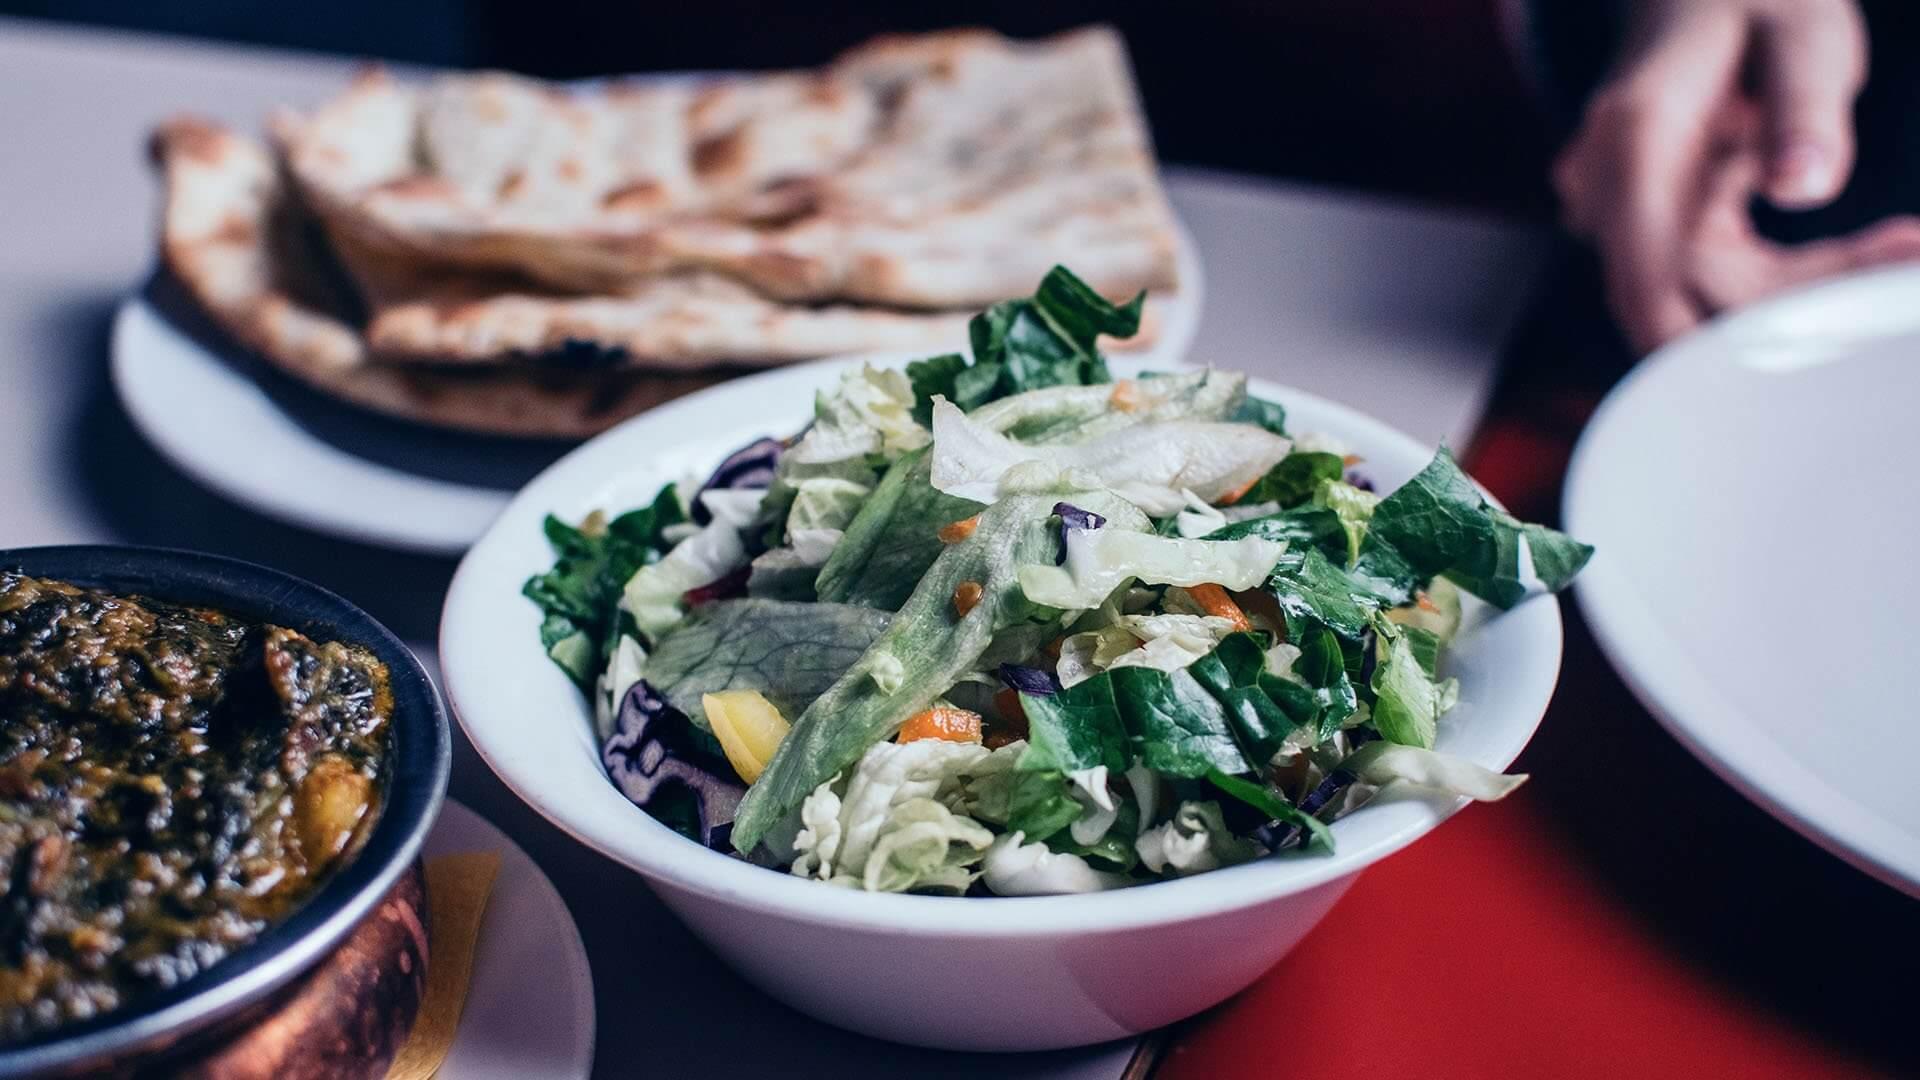 Le diete vegetariana e vegana sono una risposta, ma non l